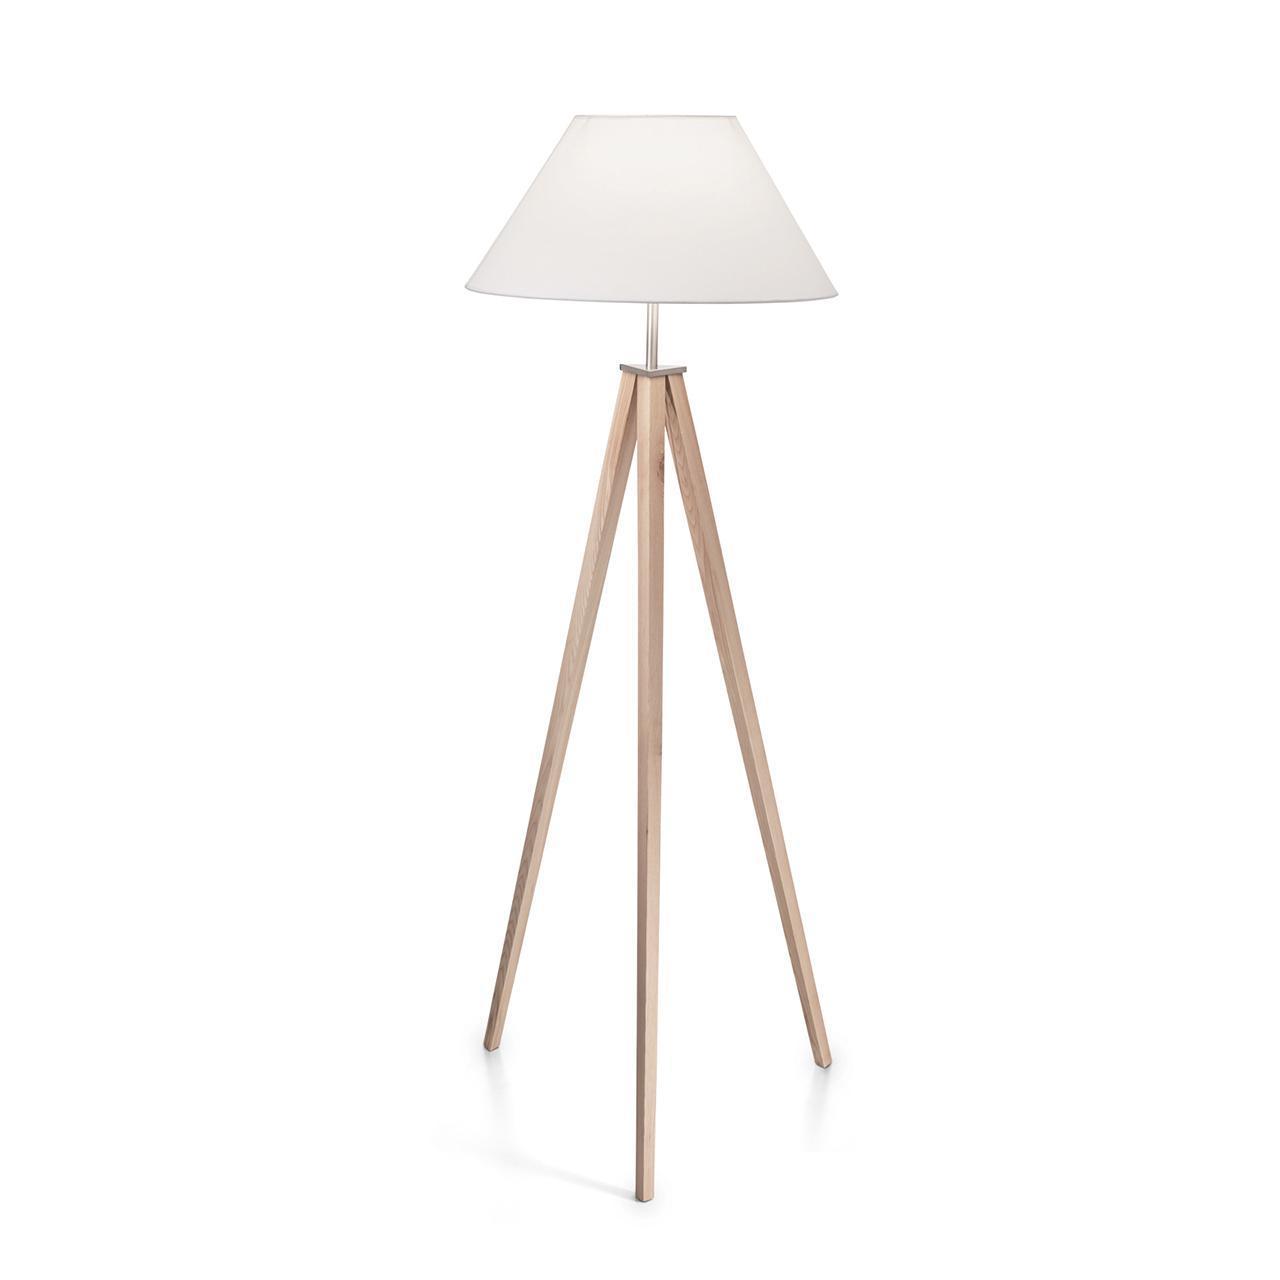 цена на Торшер Ideal Lux Tridente PT1 Bianco